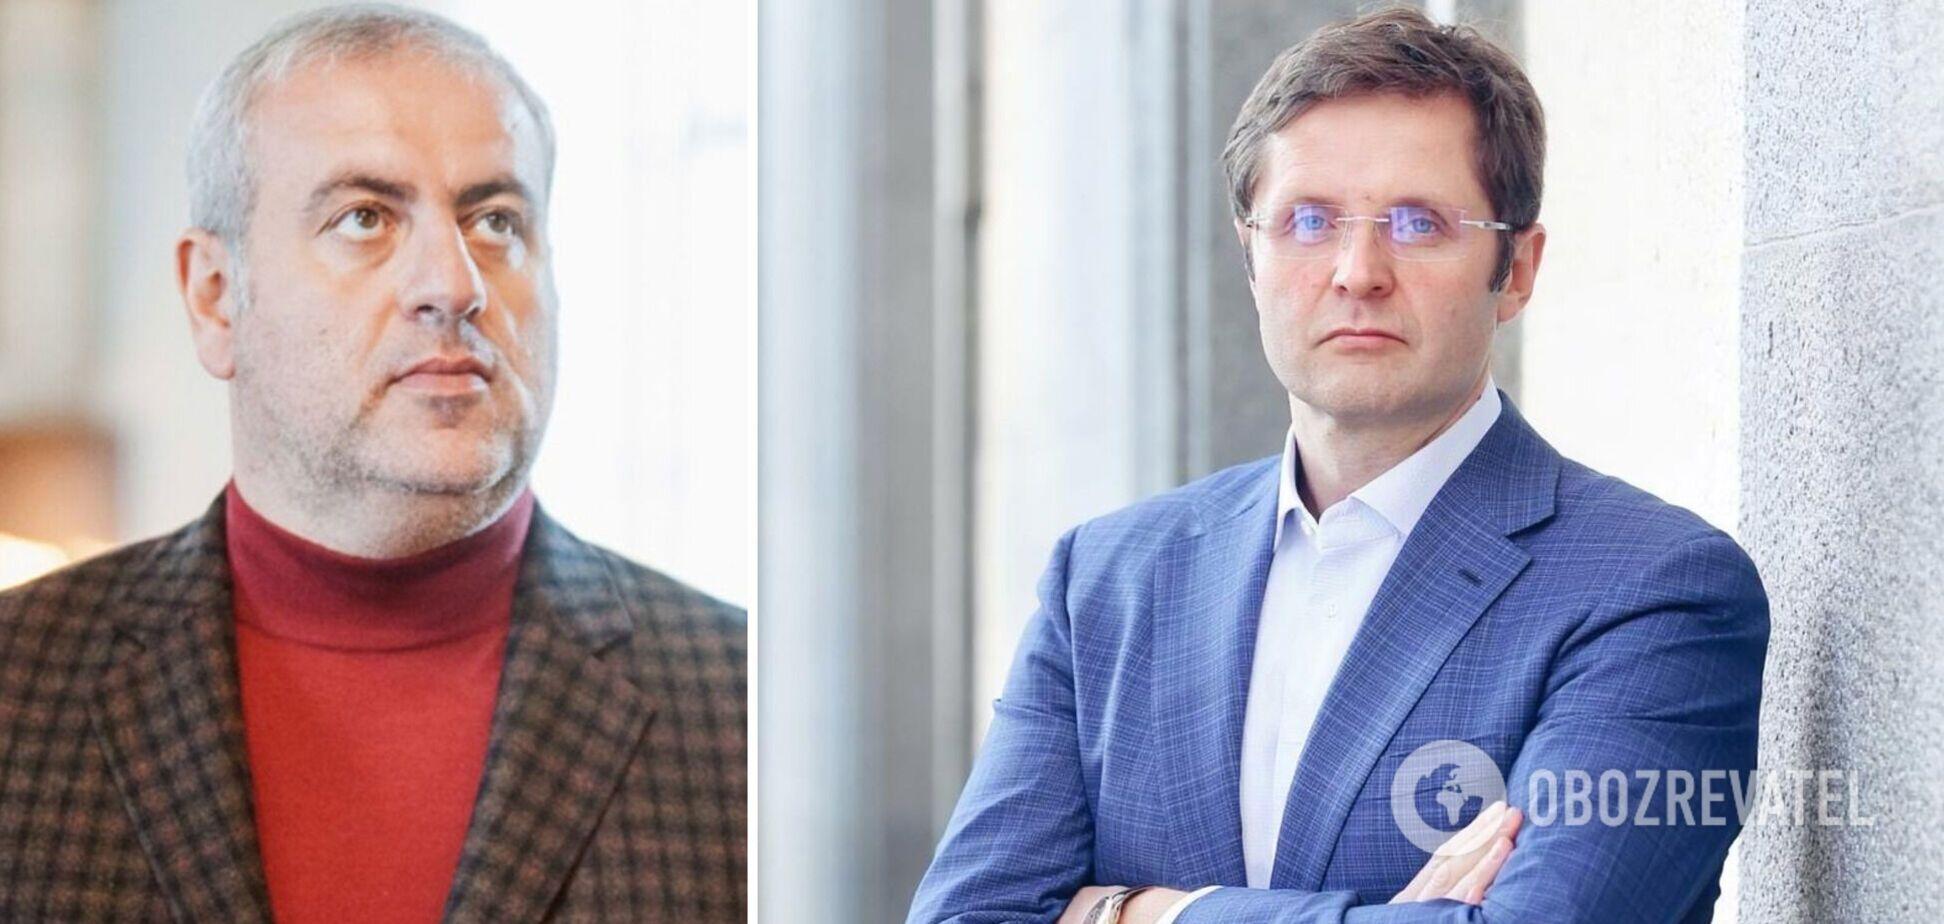 Нардеп Холодов зовет 'короля Дьюти фри' Гранца на налоговый комитет, чтобы обсудить проблему фиктивной продажи алкоголя